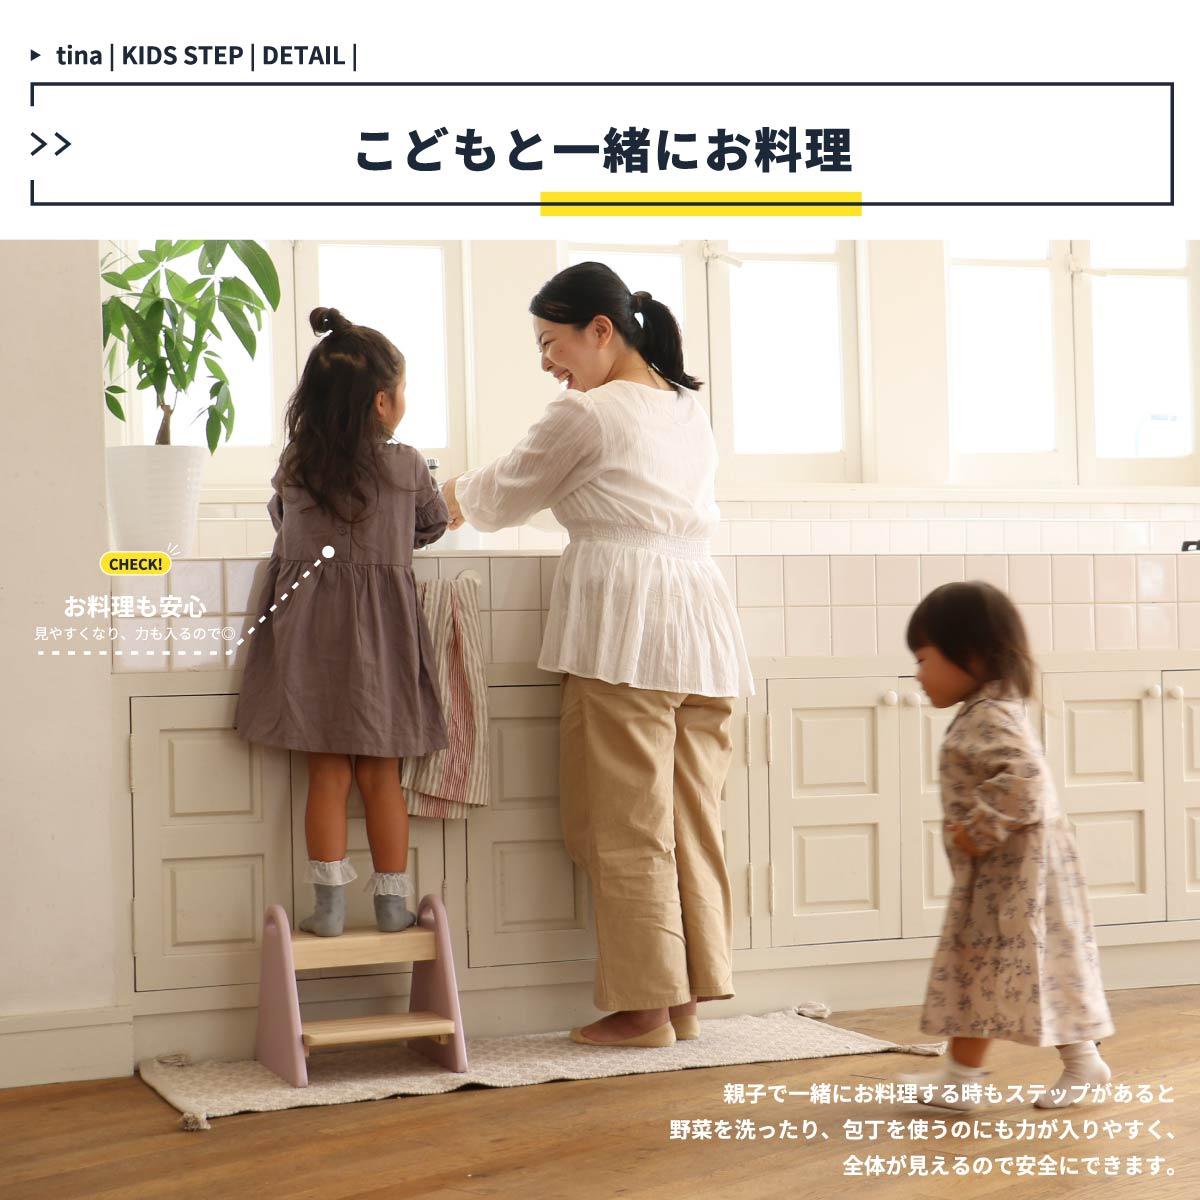 踏み台 踏台 子供 2段 キッズチェア おしゃれ 北欧 キッチン 洗面 木製 かわいい 男の子 女の子 子供部屋 キッズルーム 持ち運び